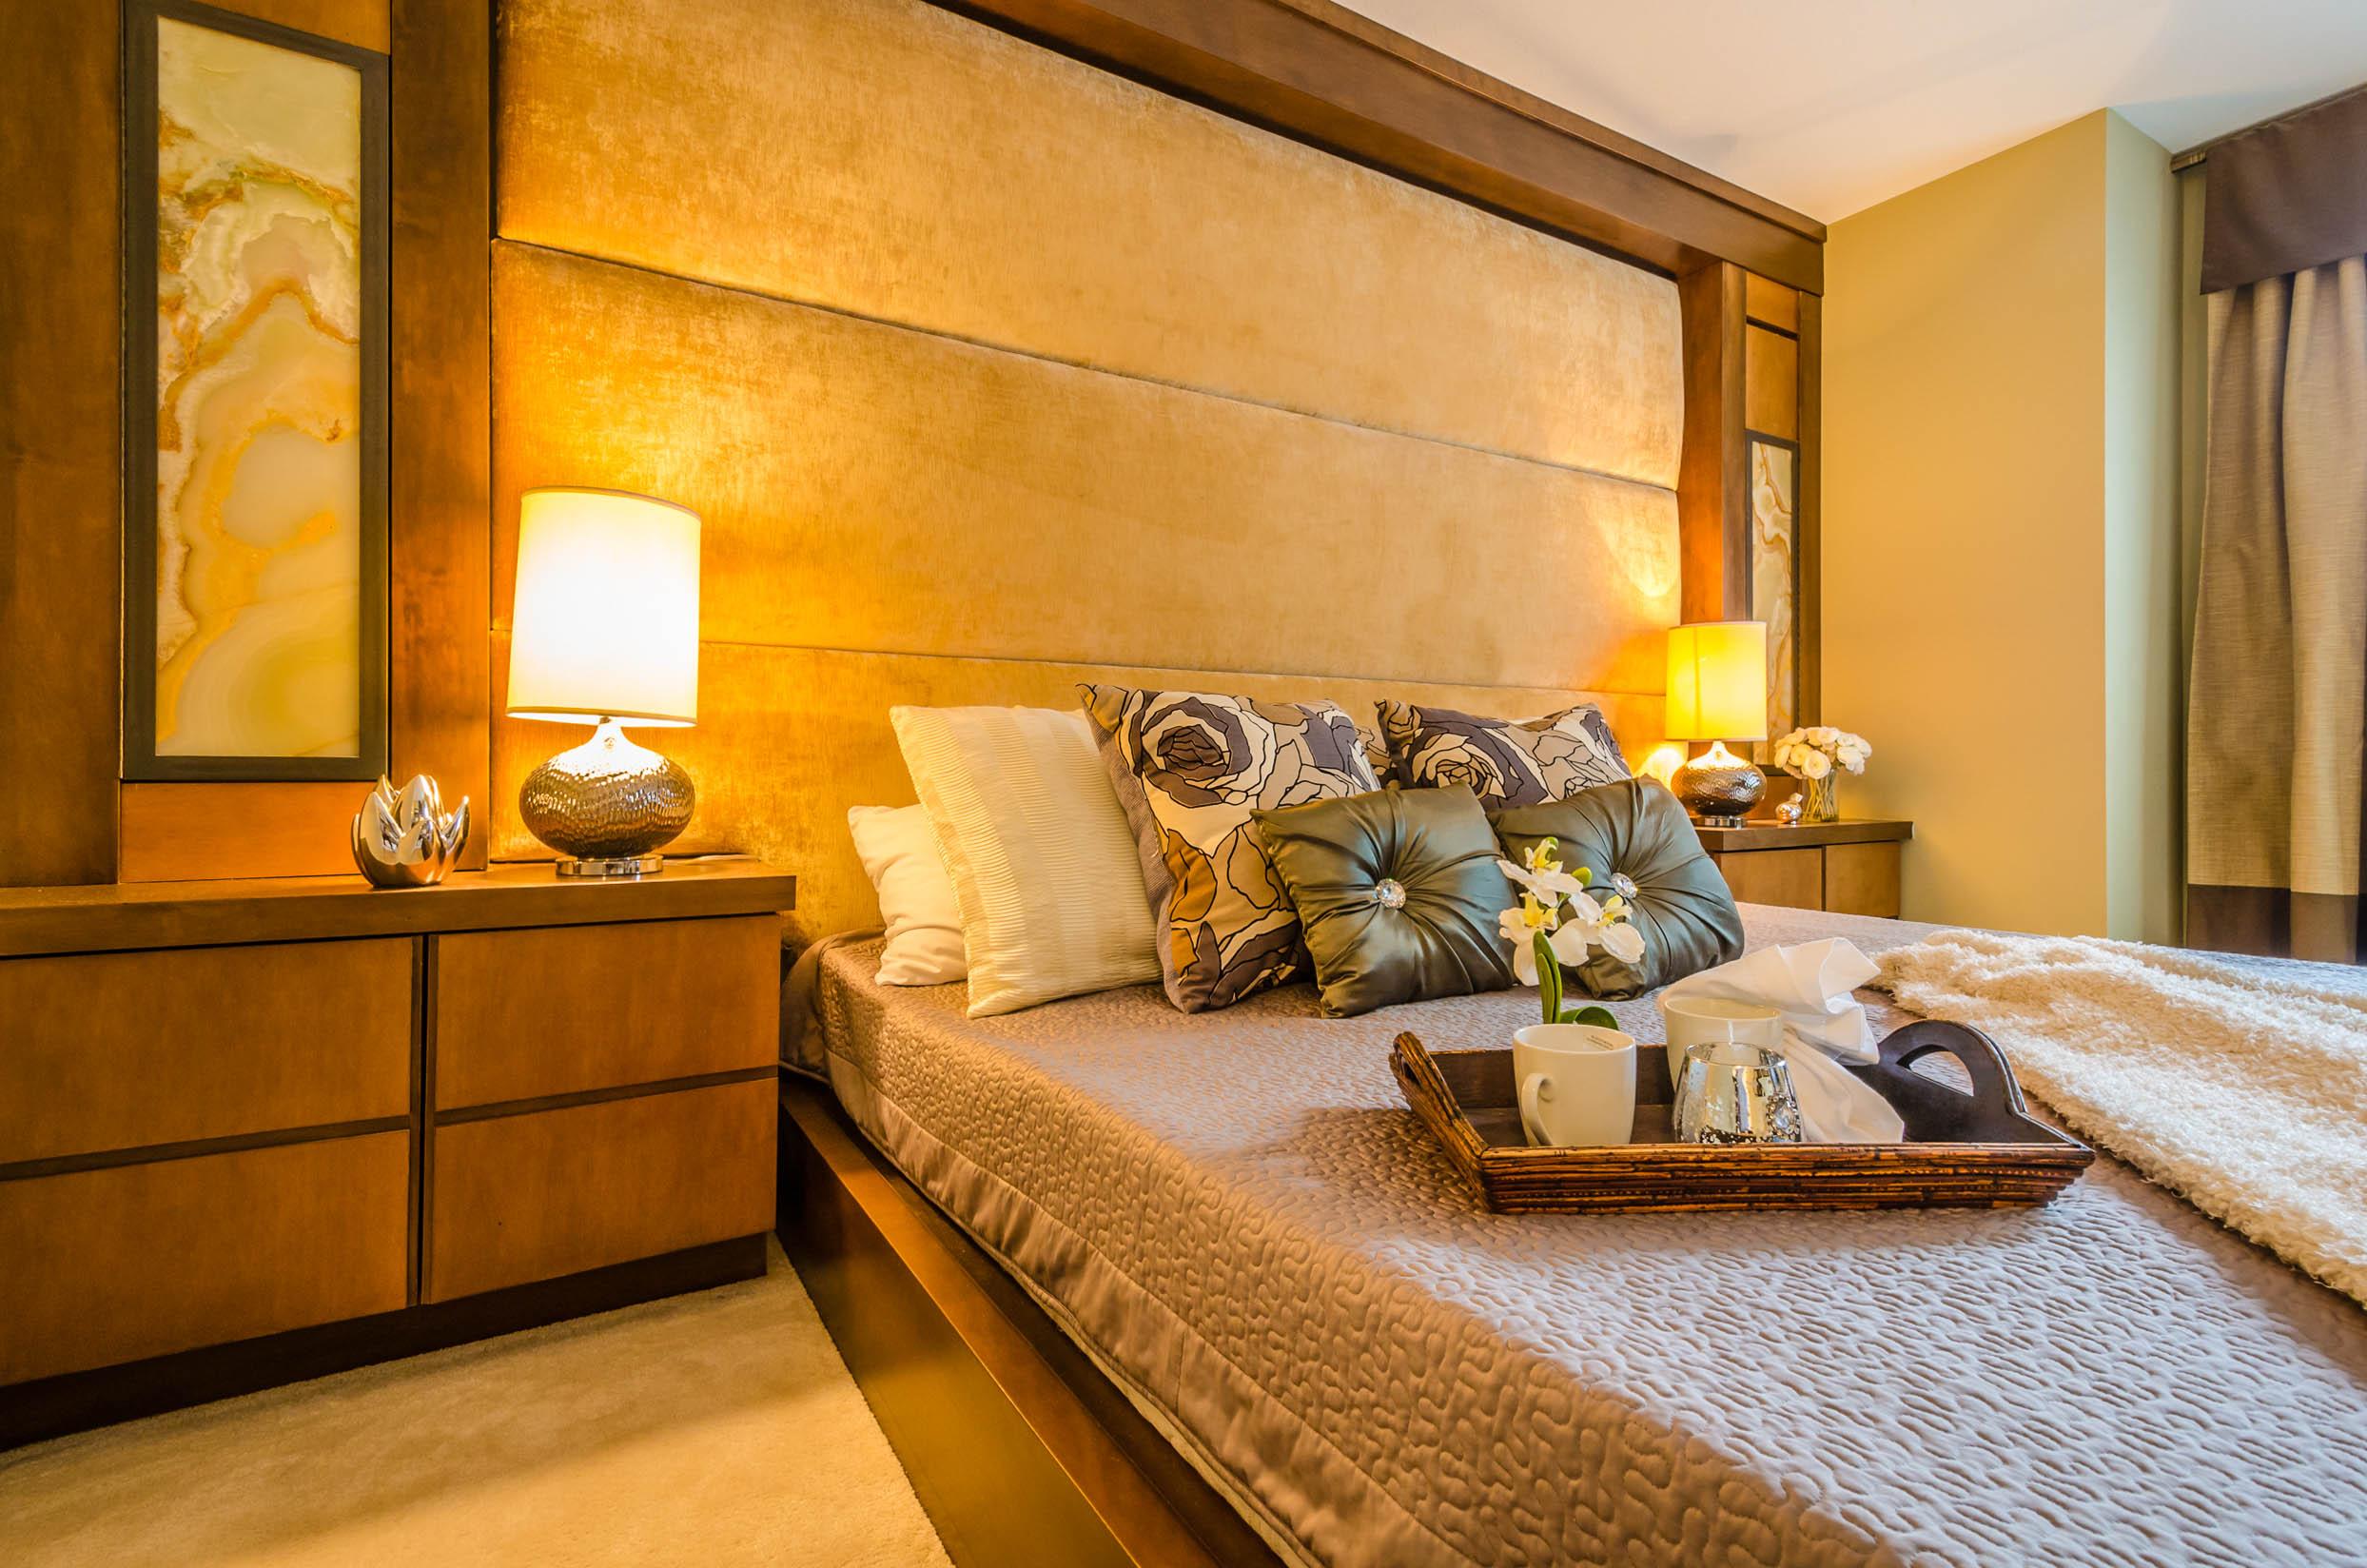 Pentahotels aktion g nnt euch 1 f f r nur 31 05 for Design hotel kette